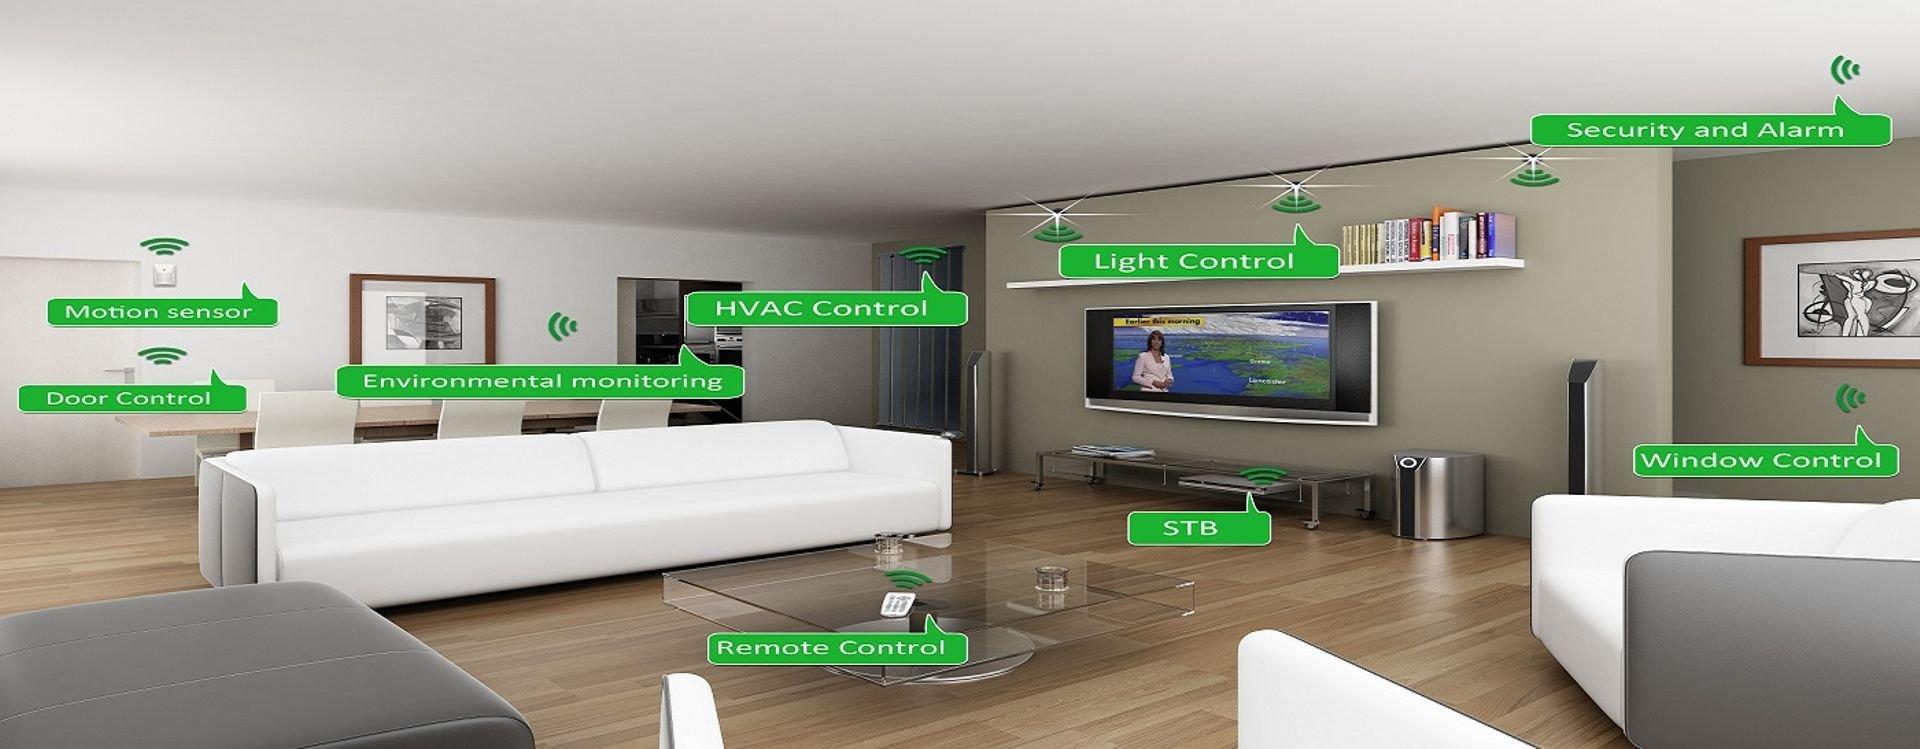 مع التطور النكنولوجي الذي نشهده الأن أصبح هناك عدة منتجات من الممكن اقتنائها لتحسين المنزل